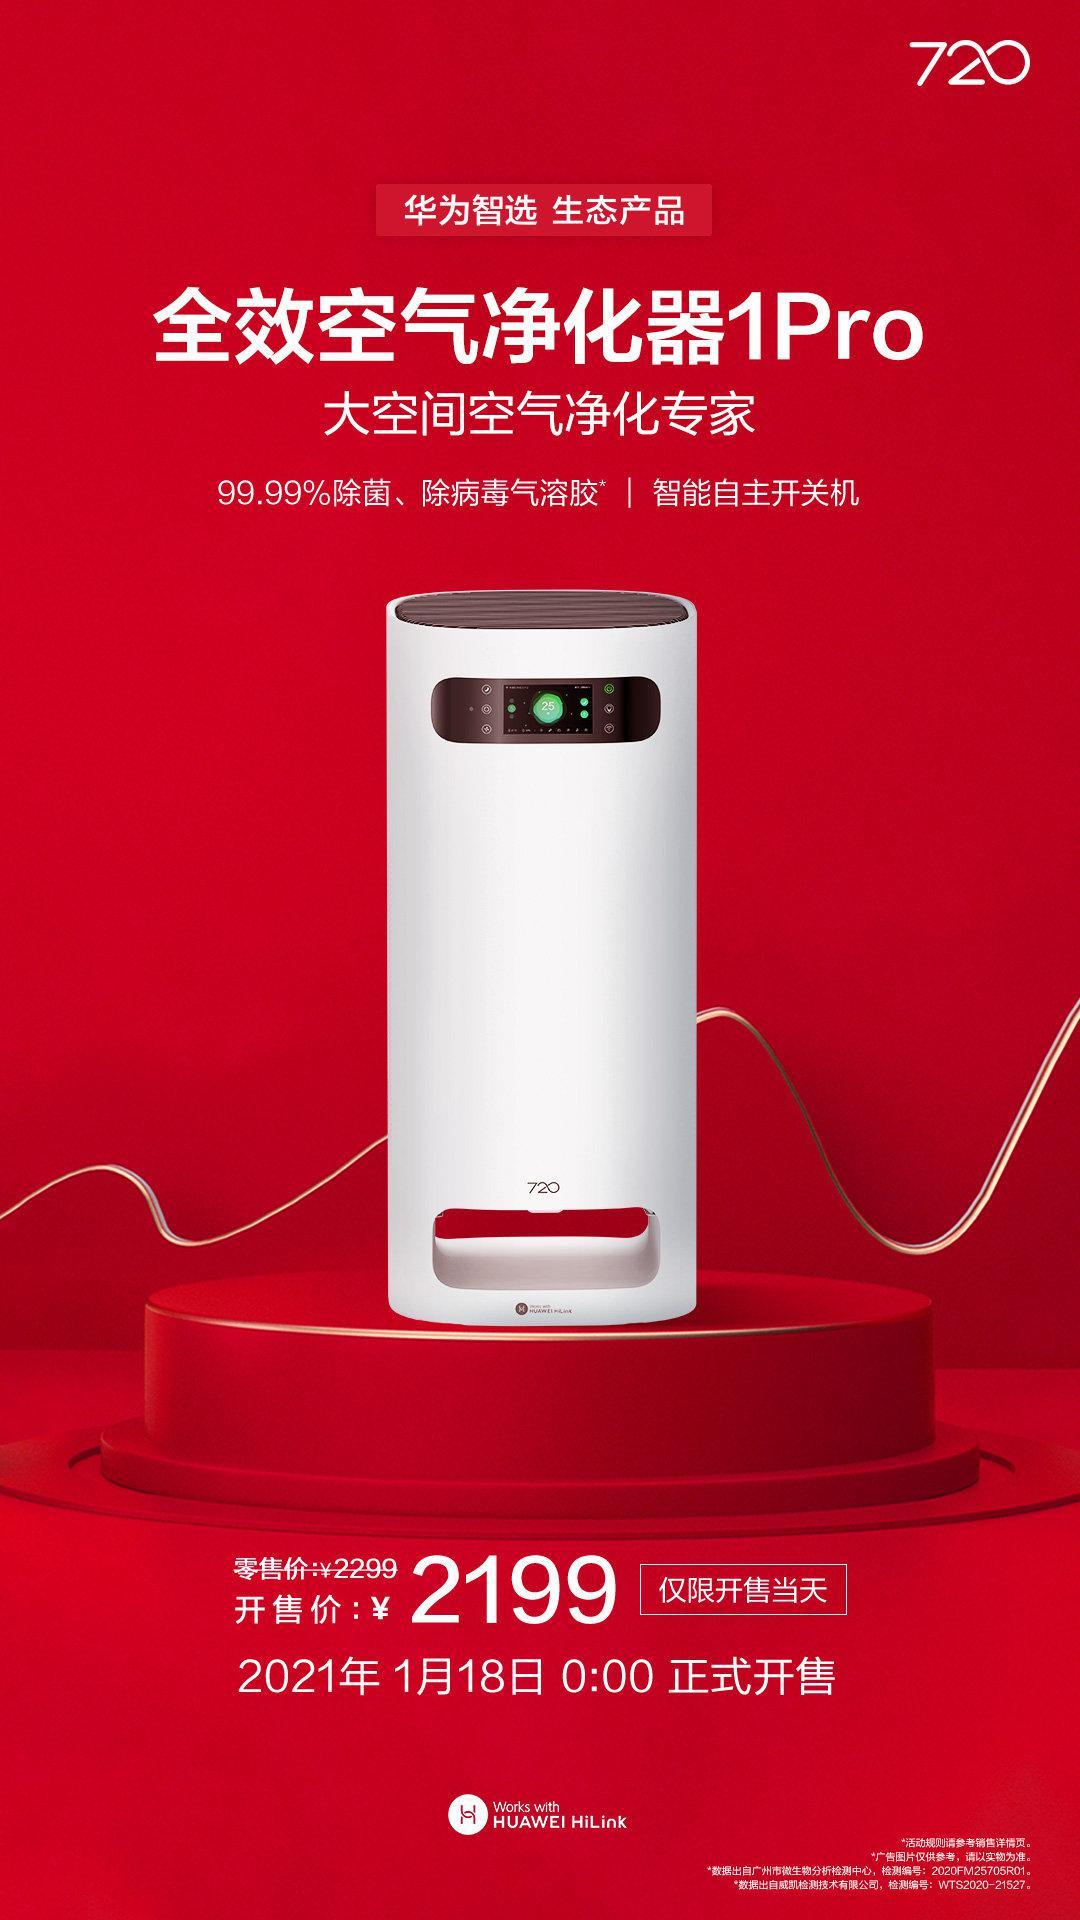 2199 元,华为智选全效空气净化器 1 Pro 今日开售